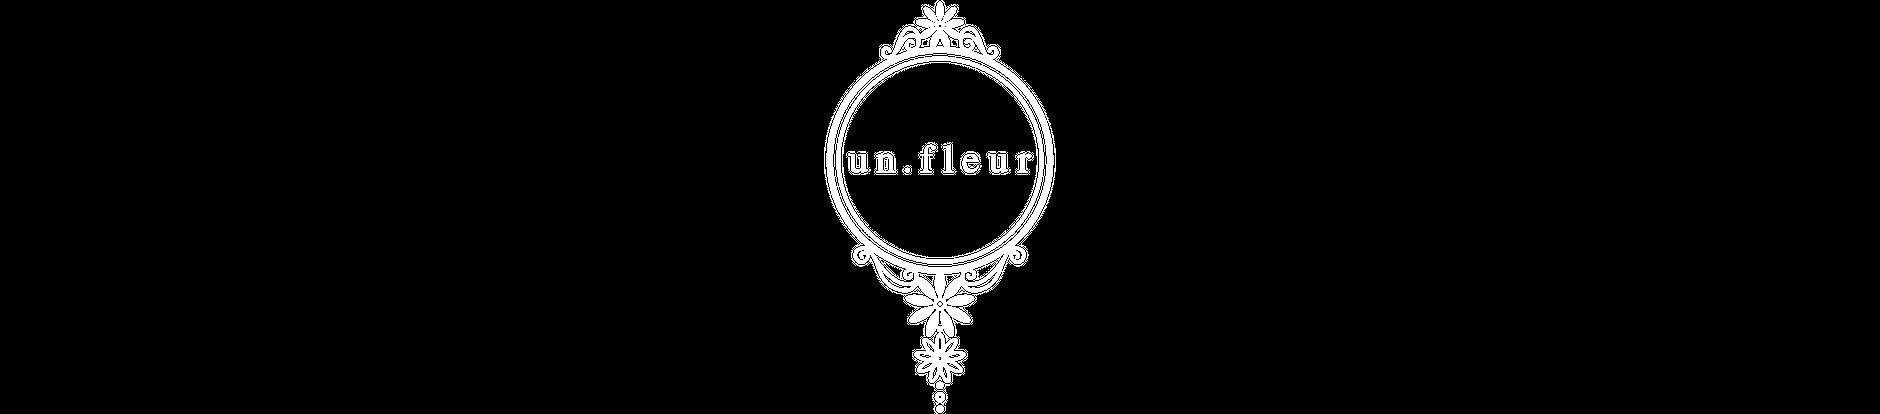 patisserie un.fleur